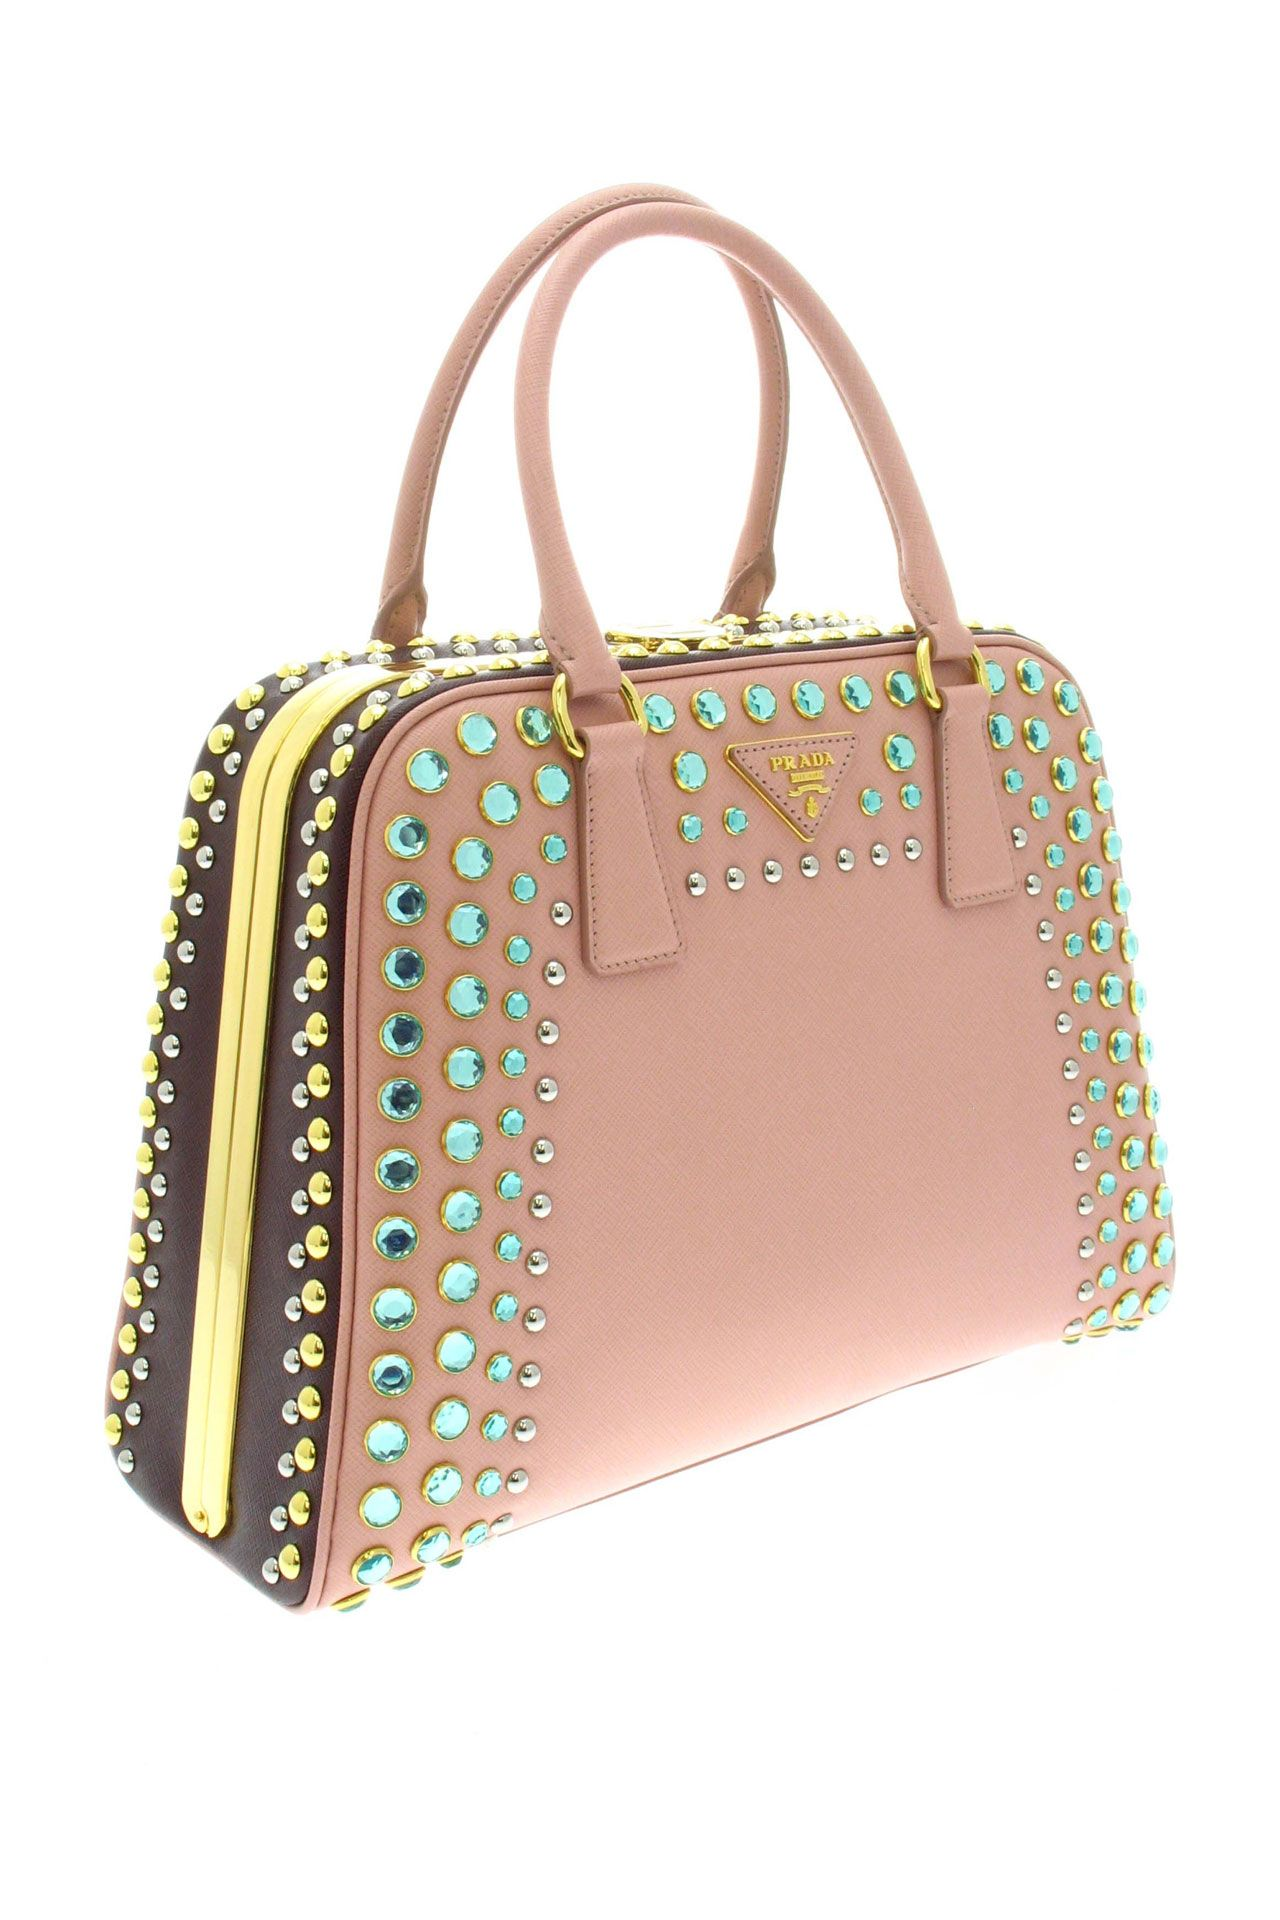 Модные сумки весна-лето 2018 фото и тренды